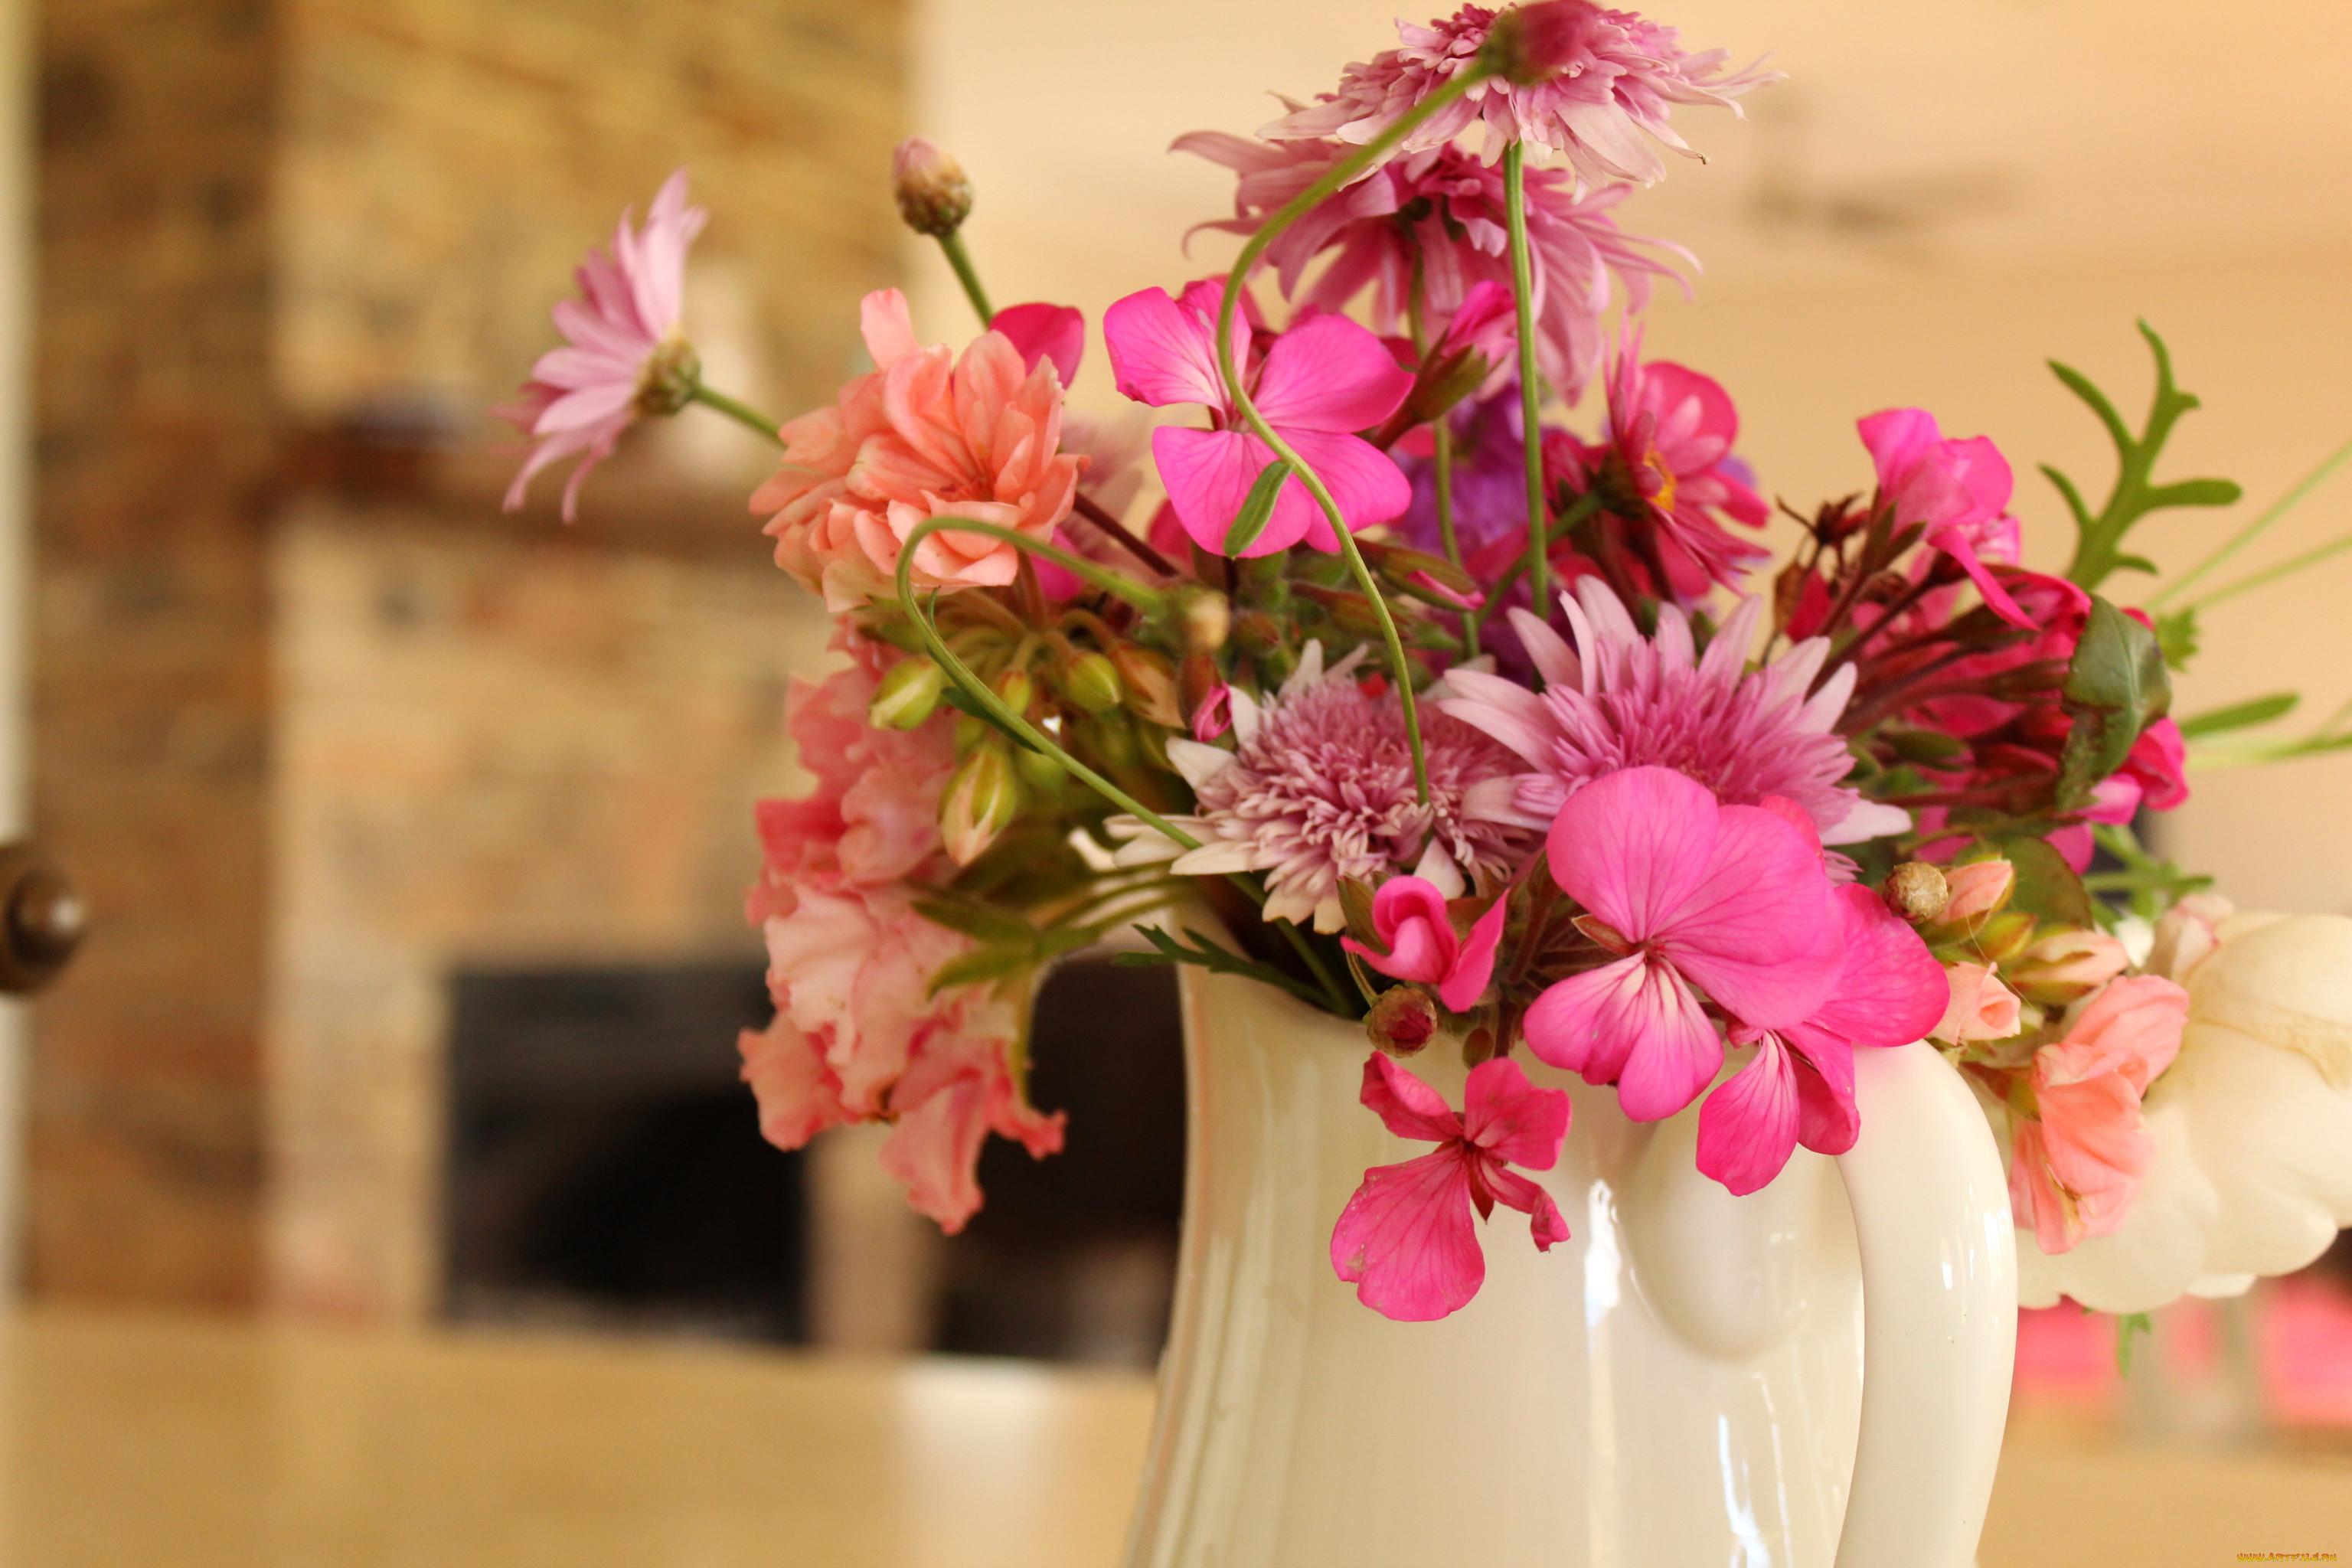 яндекс картинки цветы на столе создана для